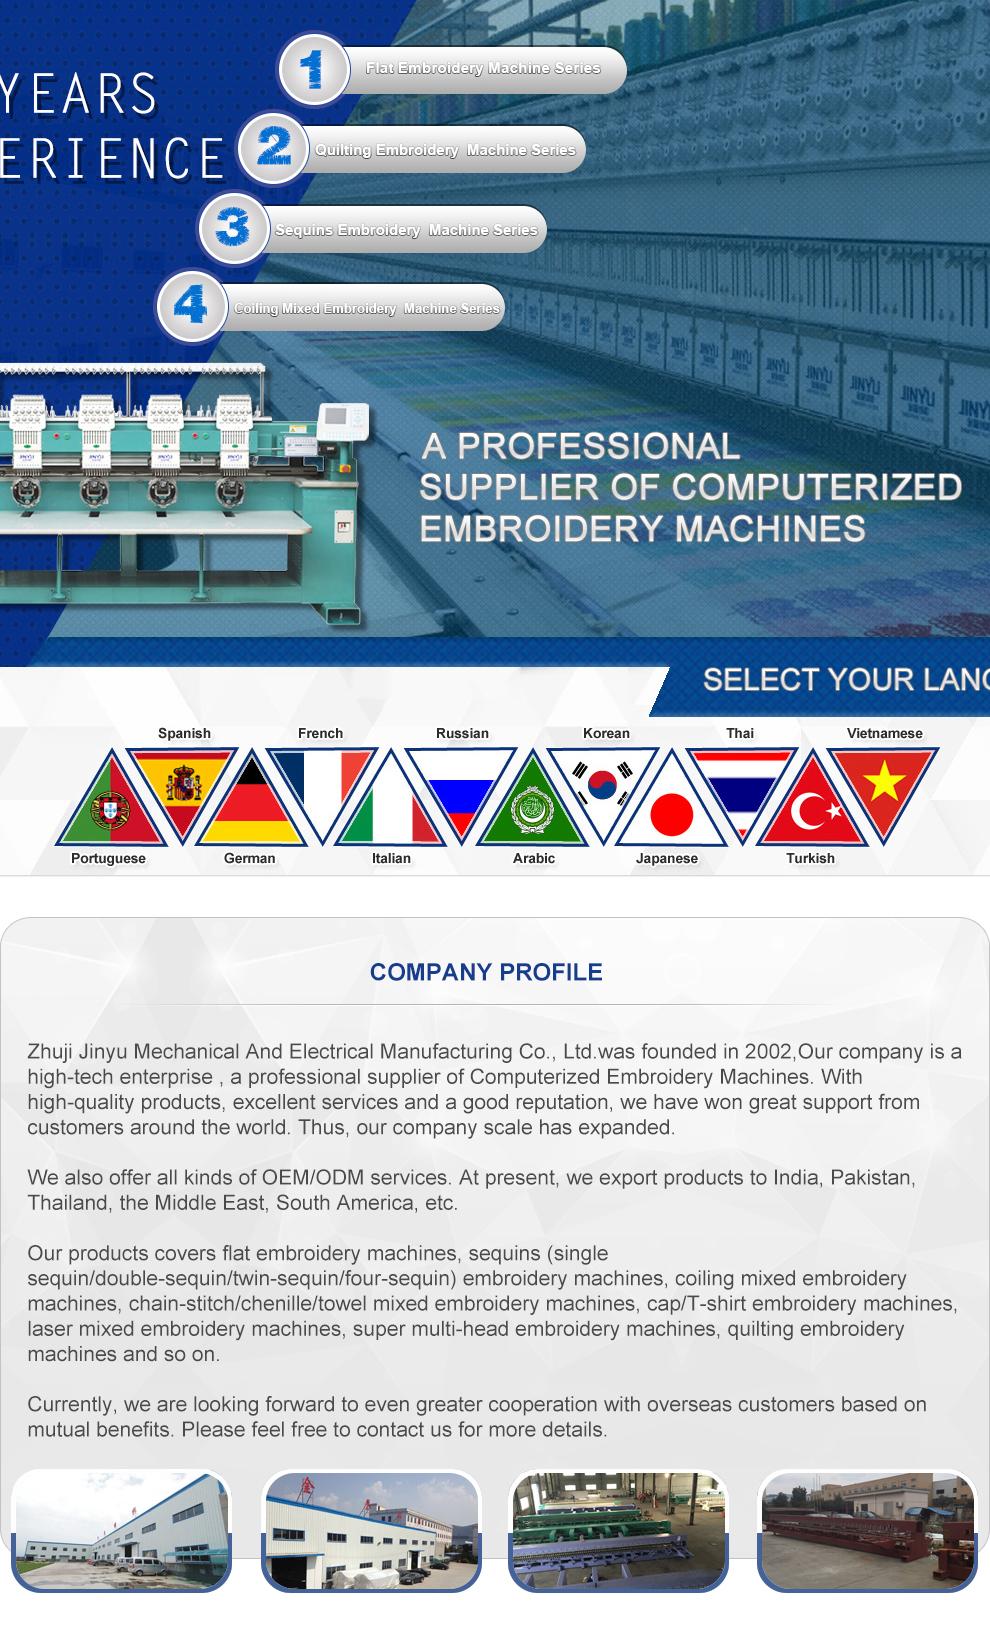 Zhuji Jinyu Mechanical And Electrical Manufacturing Co., Ltd ...